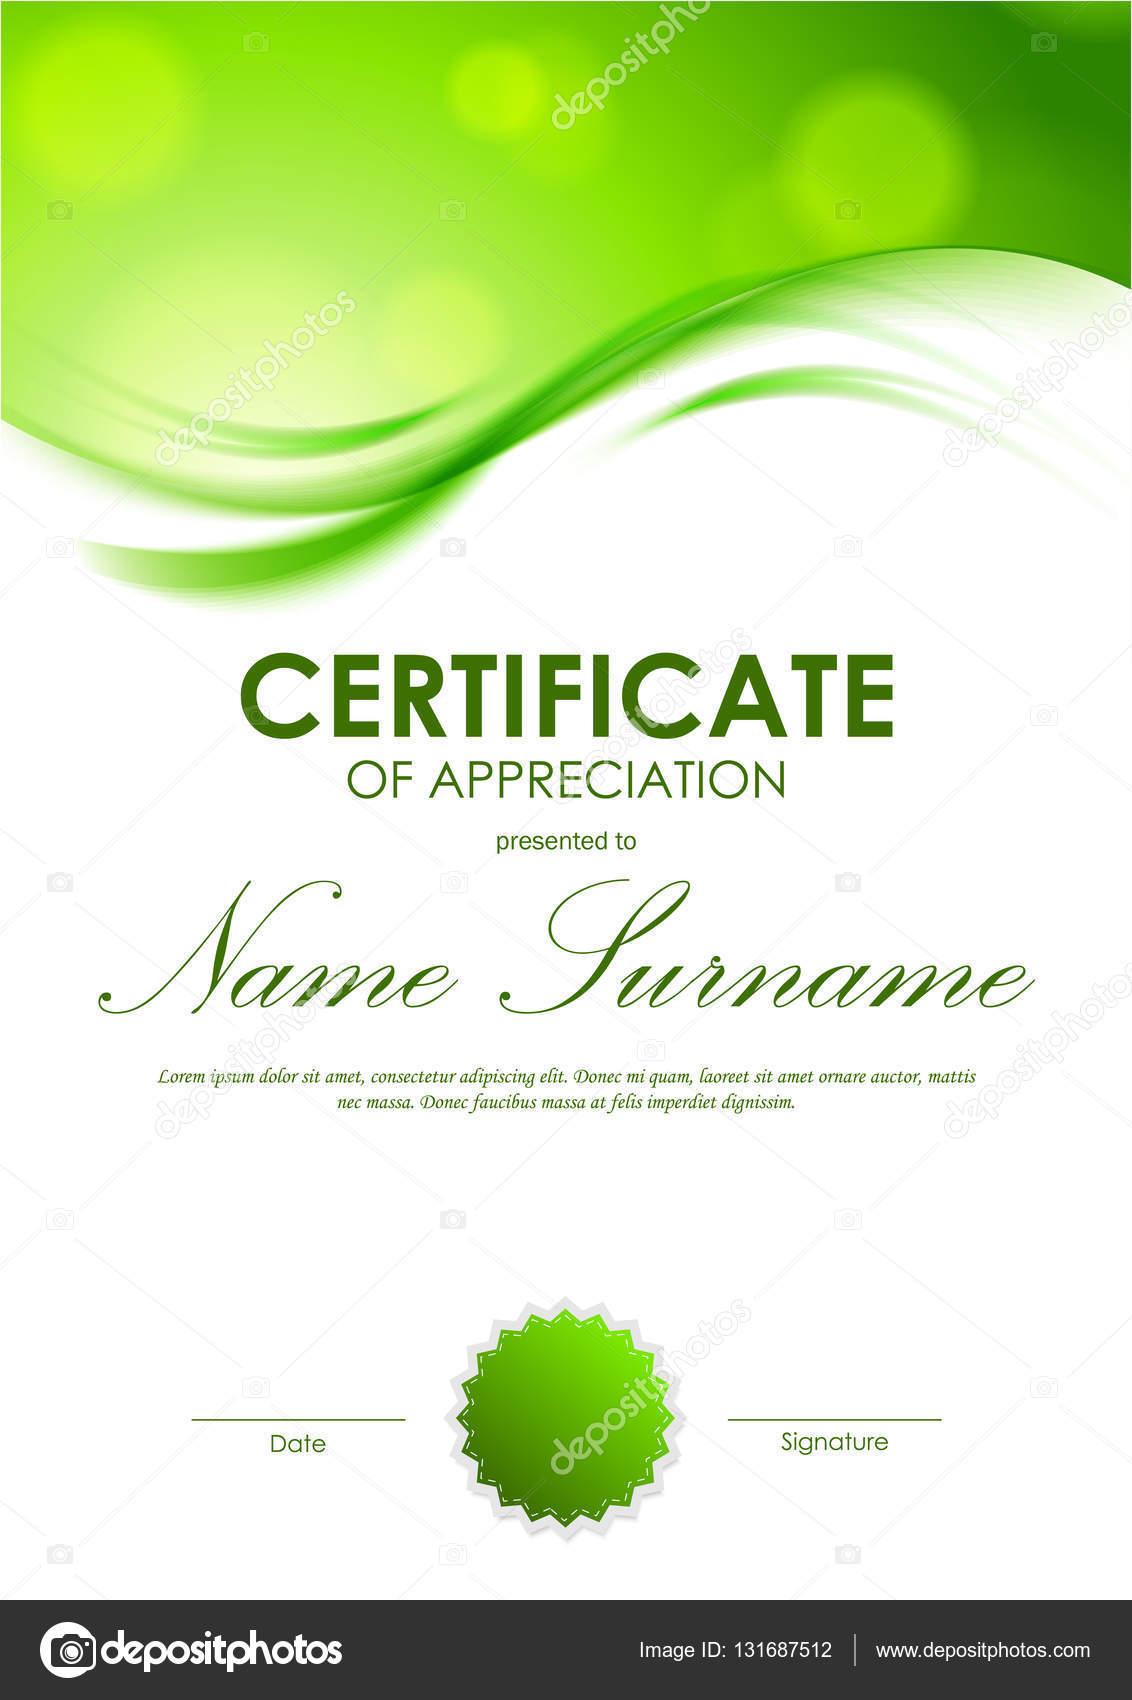 certificate of appreciation template  u2014 stock vector